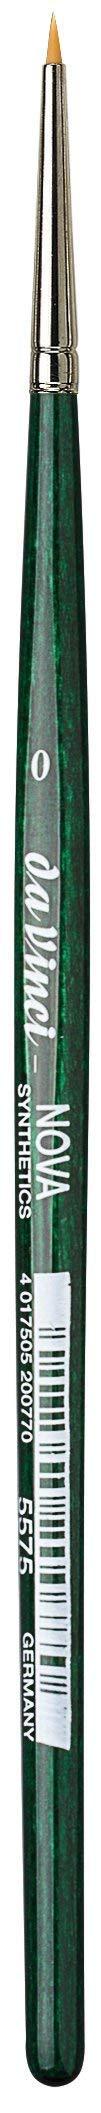 da Vinci Series 5575 Nova Miniature Retouch Synthetic Paintbrush, Size 00 (5575-00)